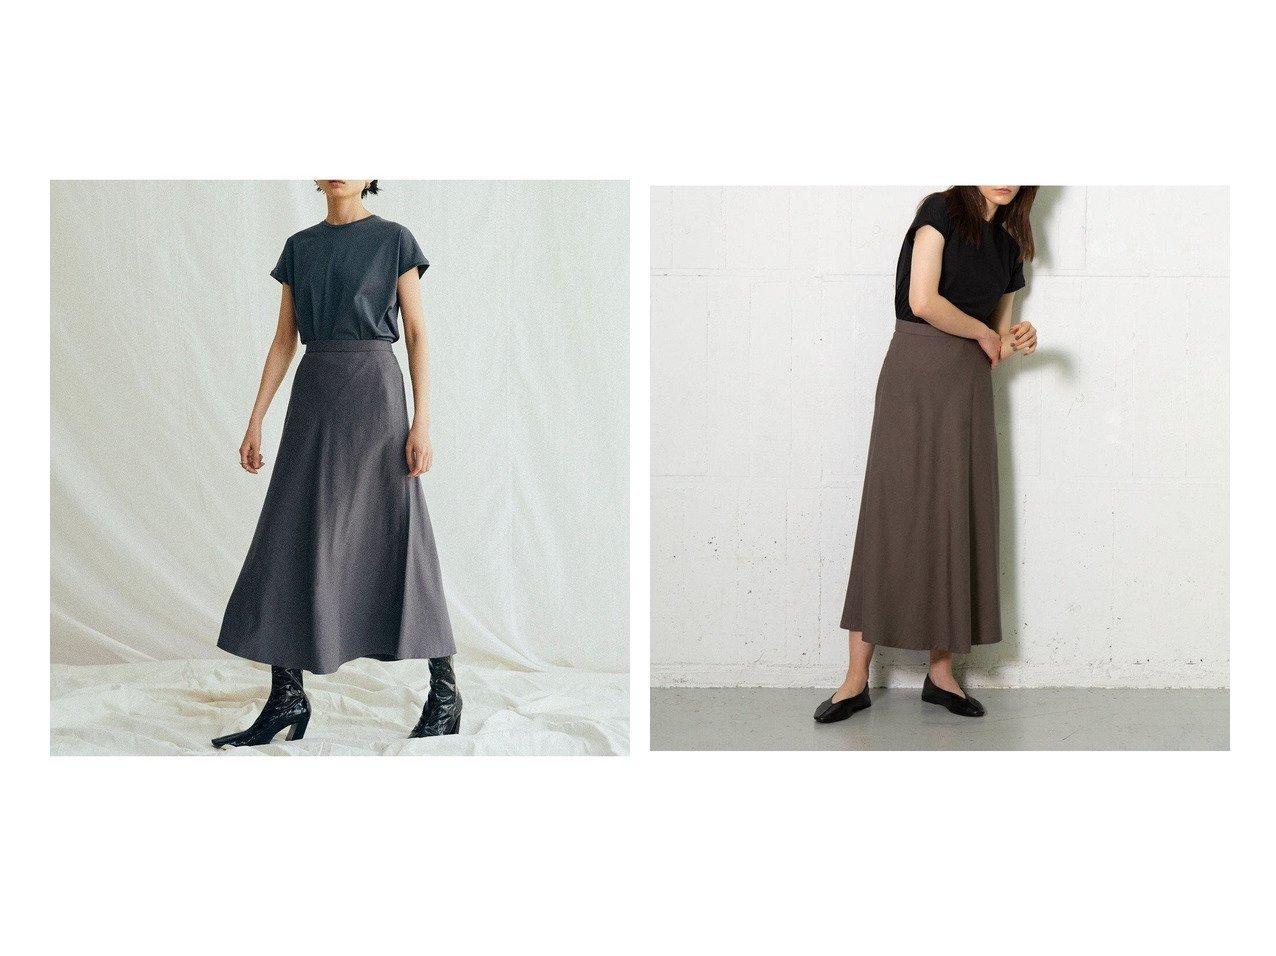 【ONWARD Design Diversity/オンワード デザイン ダイバーシティ】の【ONWARD DD】Aライン スカート 【スカート】おすすめ!人気、トレンド・レディースファッションの通販 おすすめで人気の流行・トレンド、ファッションの通販商品 インテリア・家具・メンズファッション・キッズファッション・レディースファッション・服の通販 founy(ファニー) https://founy.com/ ファッション Fashion レディースファッション WOMEN スカート Skirt Aライン/フレアスカート Flared A-Line Skirts ドレープ ポケット リネン 再入荷 Restock/Back in Stock/Re Arrival 送料無料 Free Shipping |ID:crp329100000047549